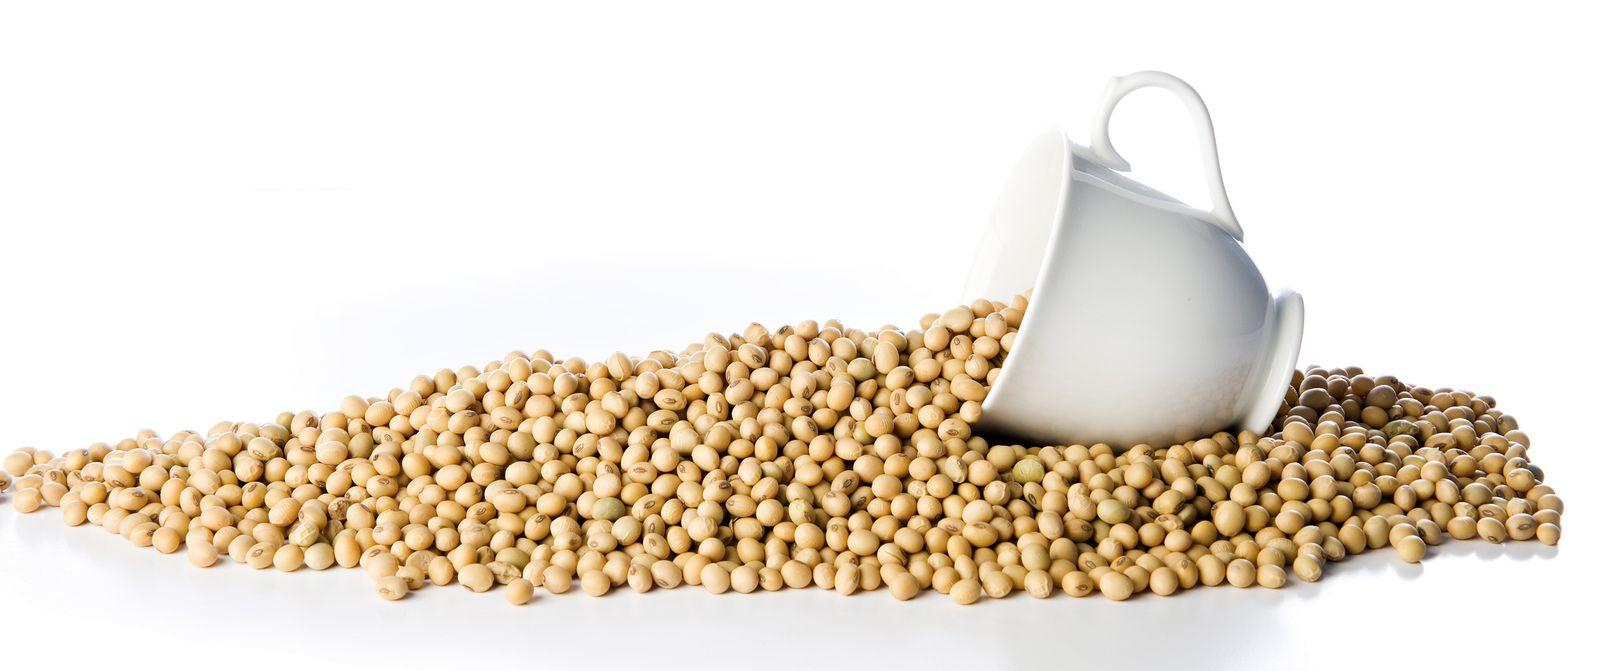 cacahuetes acido urico metabolismo de urea creatinina y acido urico remedio para aliviar crise de gota